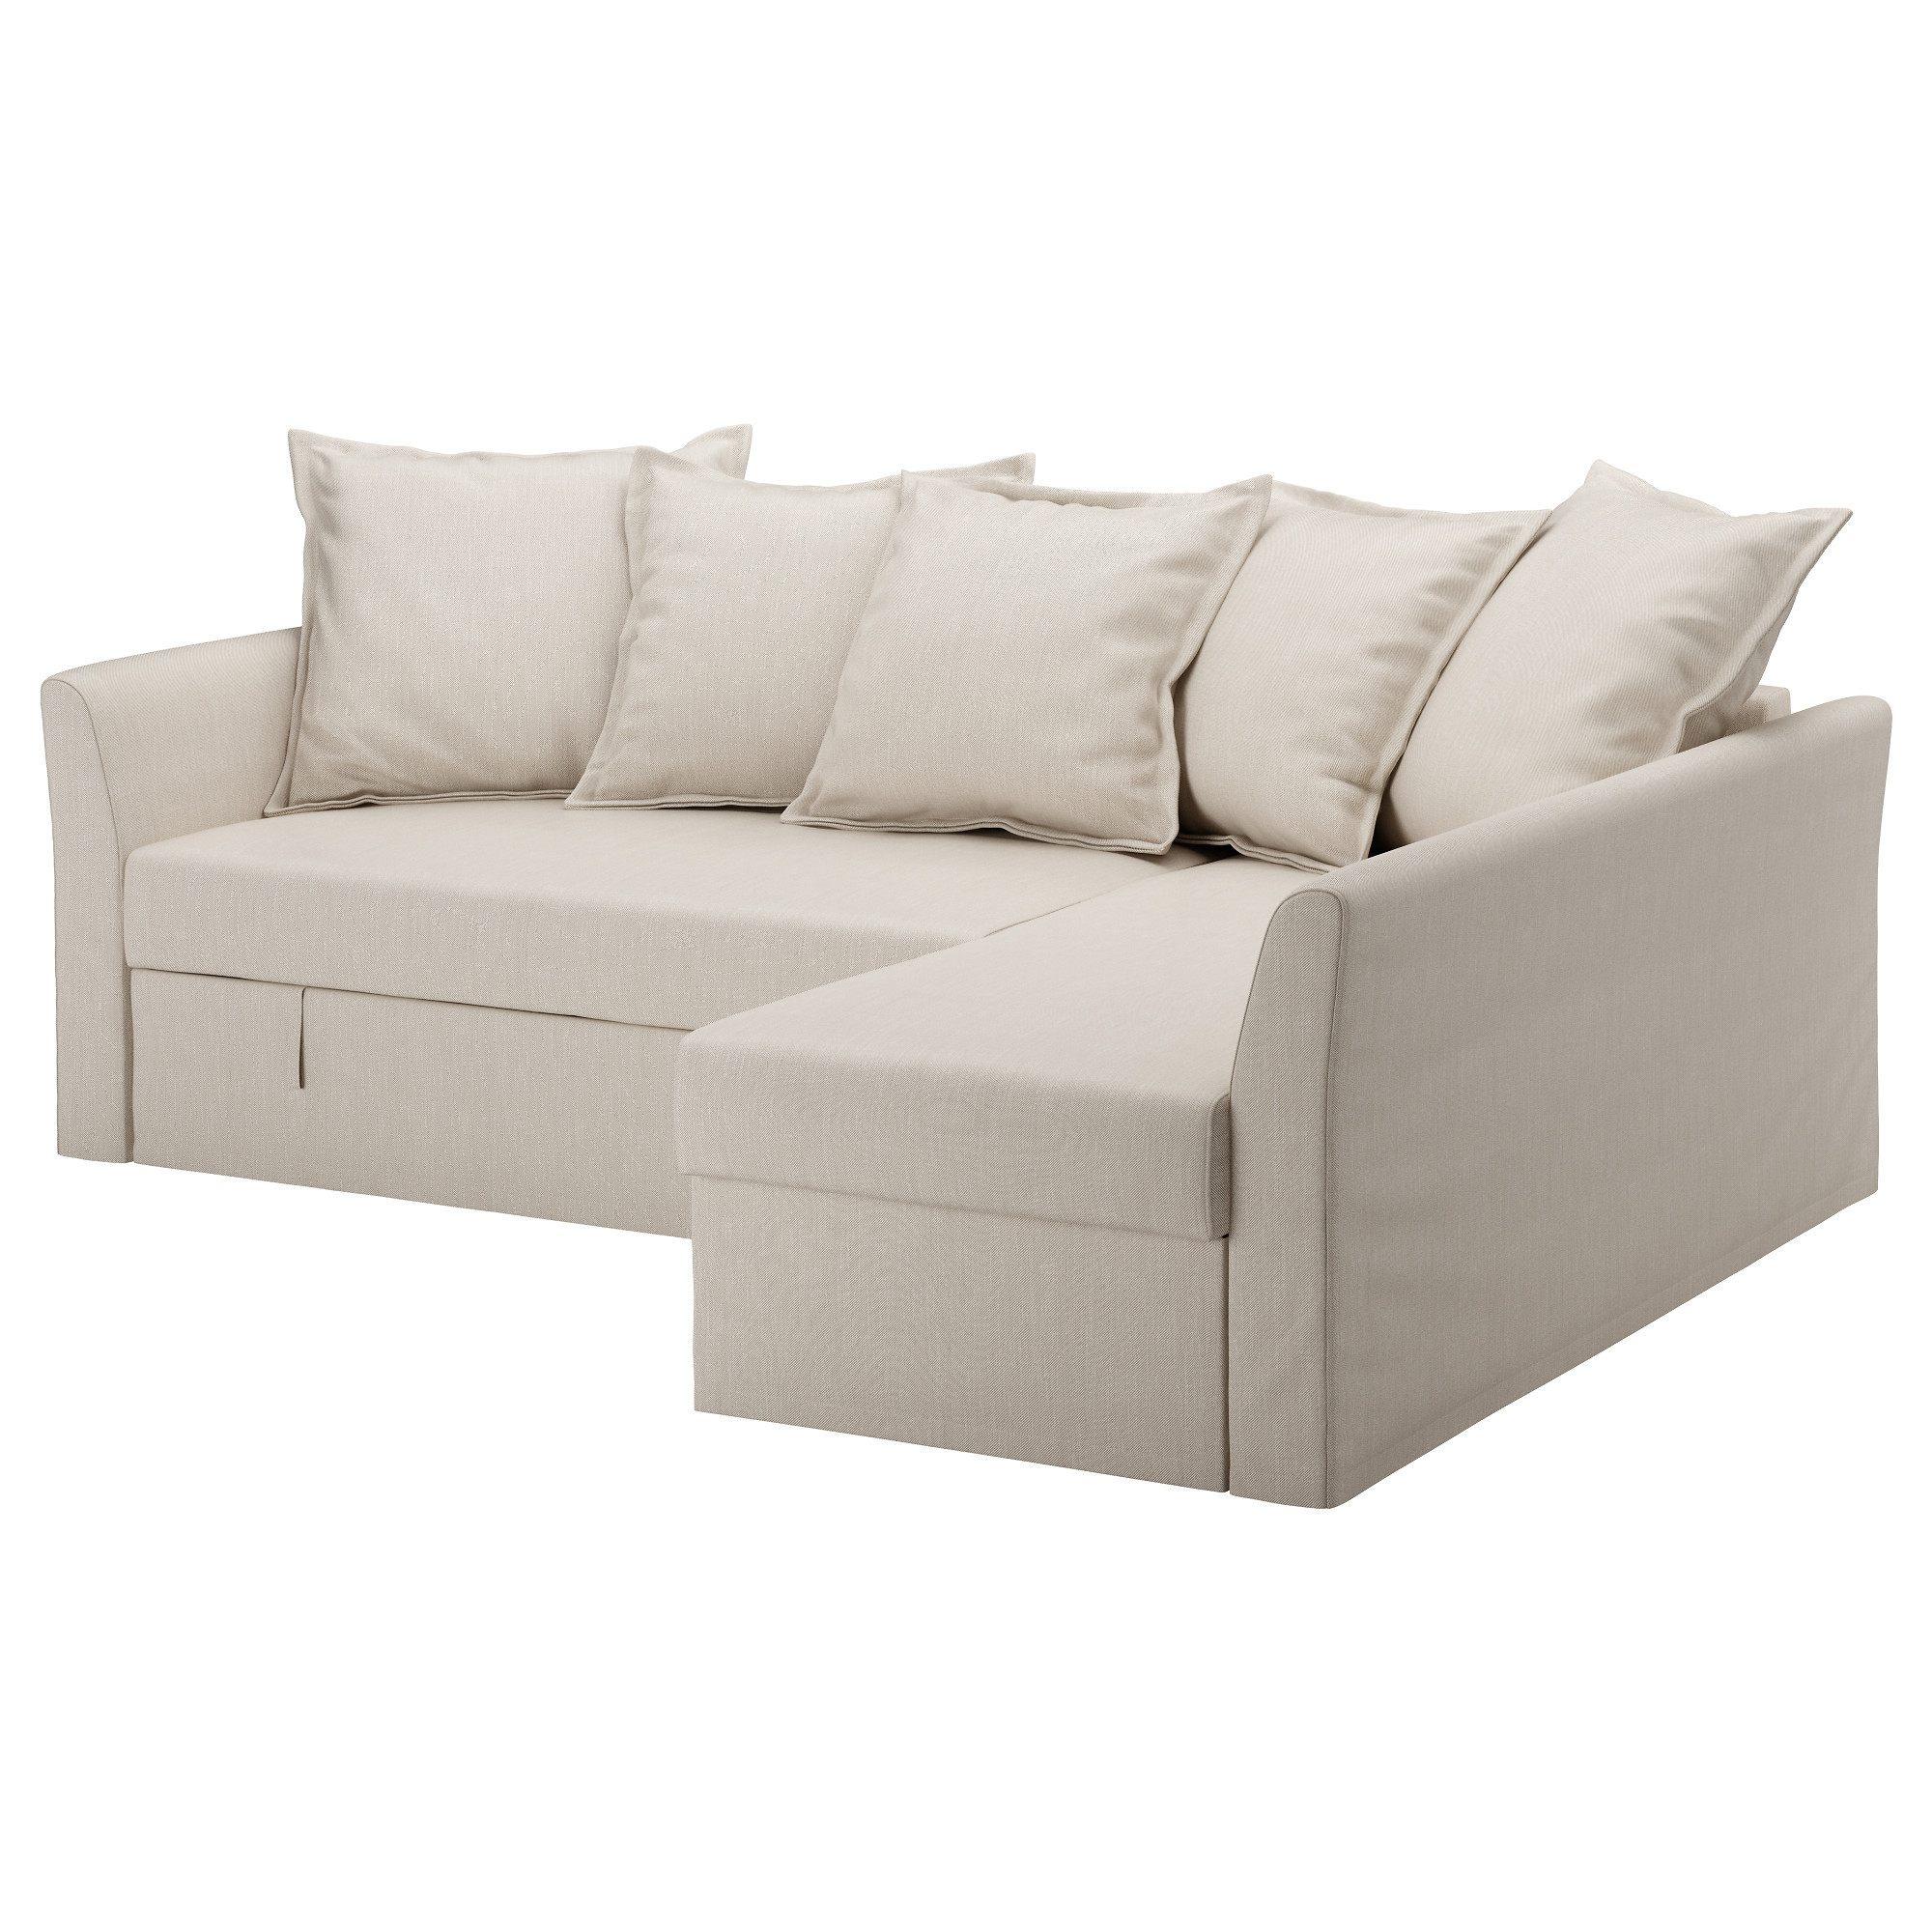 Canapé Convertible Vrai Lit Inspirant Captivant Mini Canapé D Angle Ou Nouveau Canapé Angle Convertible